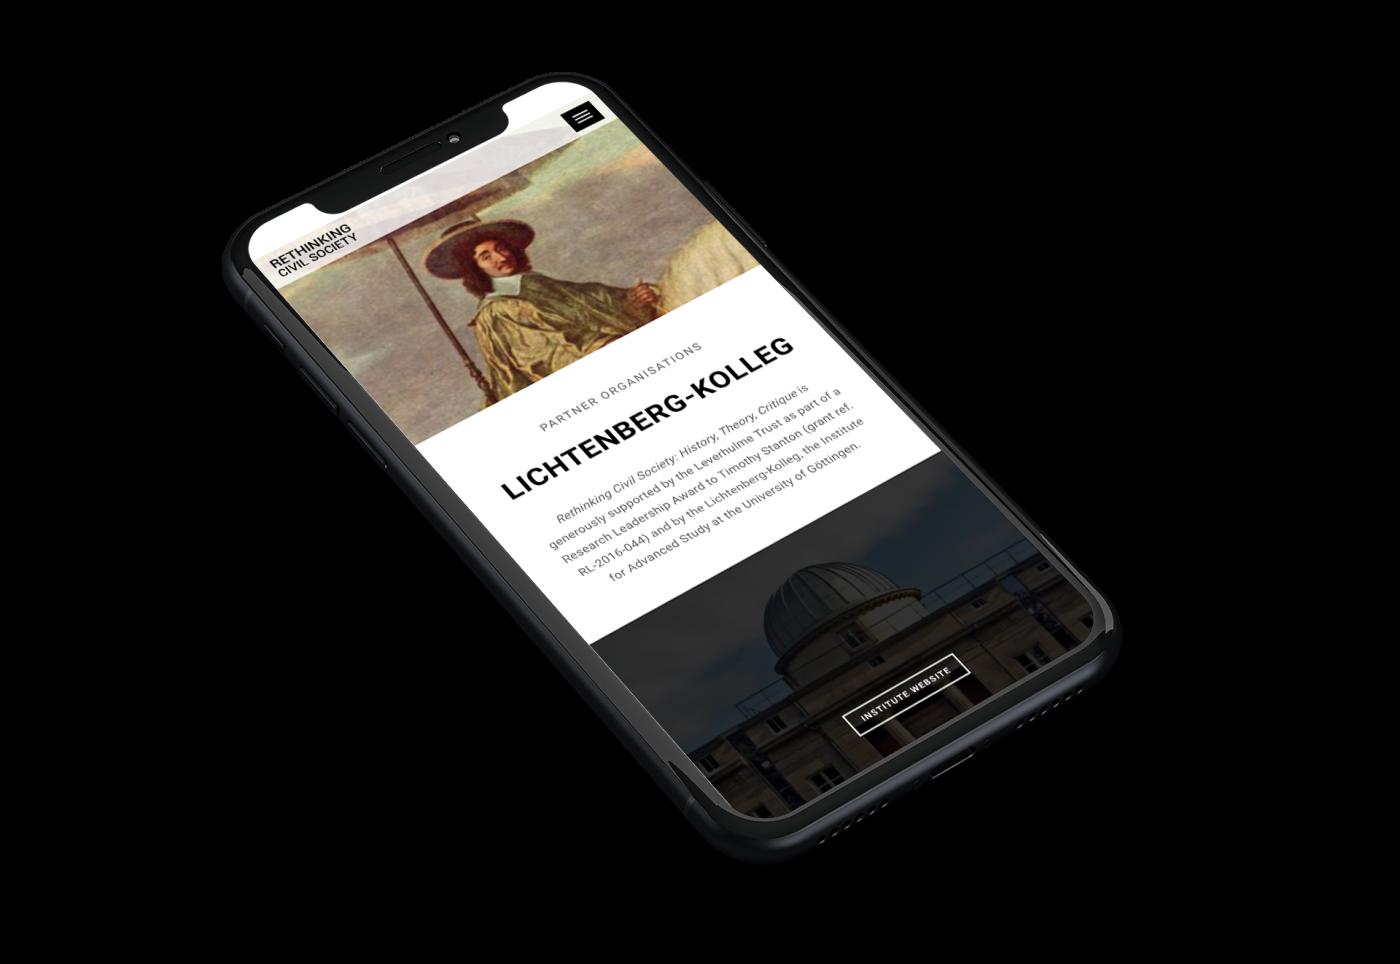 rethinking iPhone